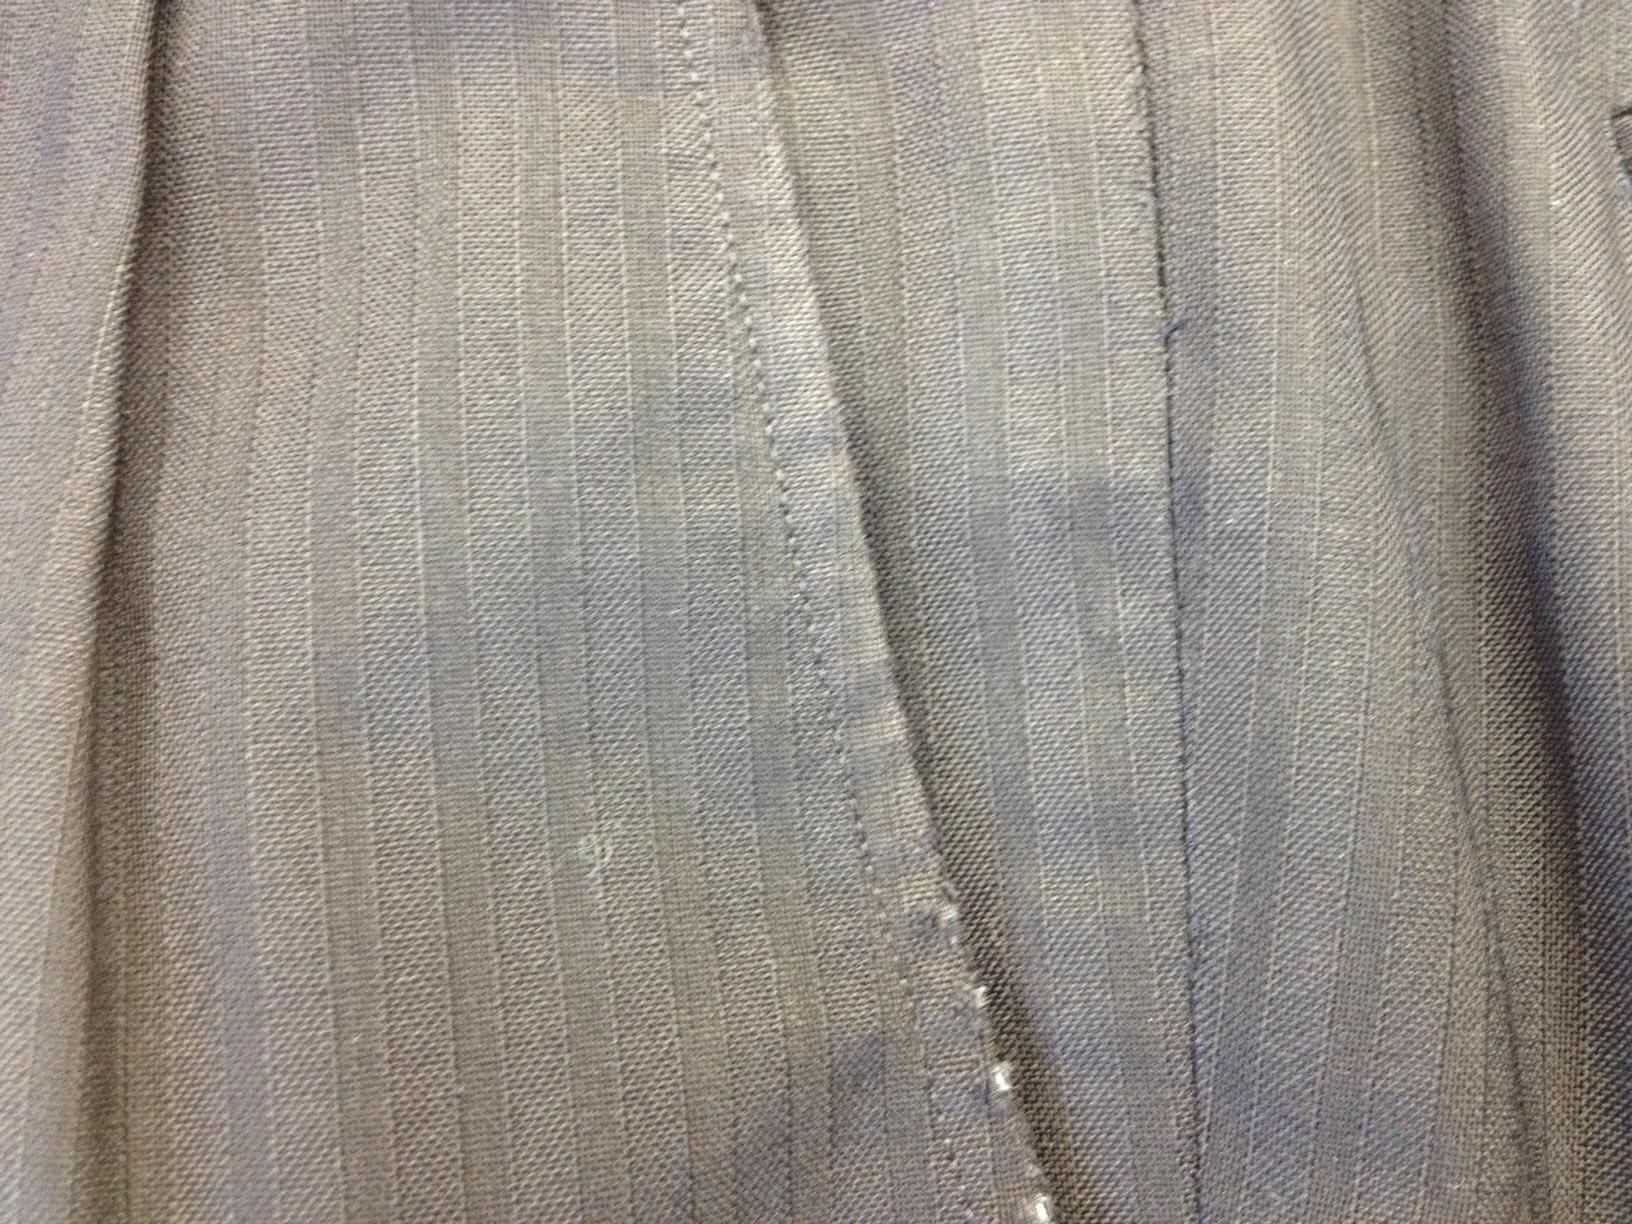 スーツ脇(前)ポケットの擦れ直しbefore